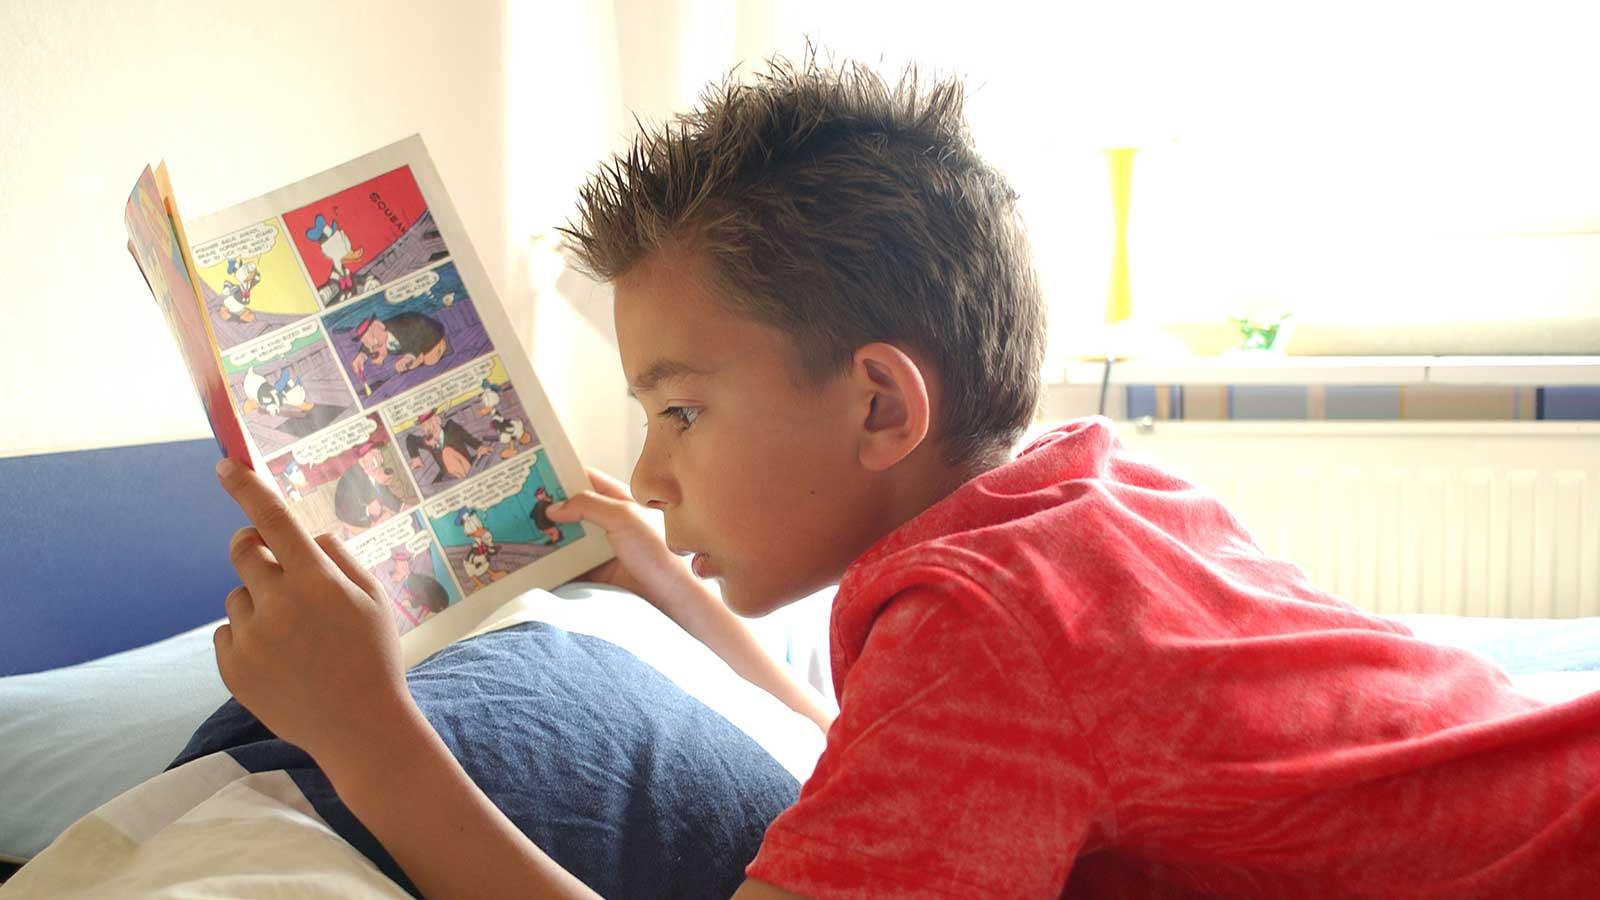 Como começar a ler quadrinhos - Dicas para curiosos e iniciantes